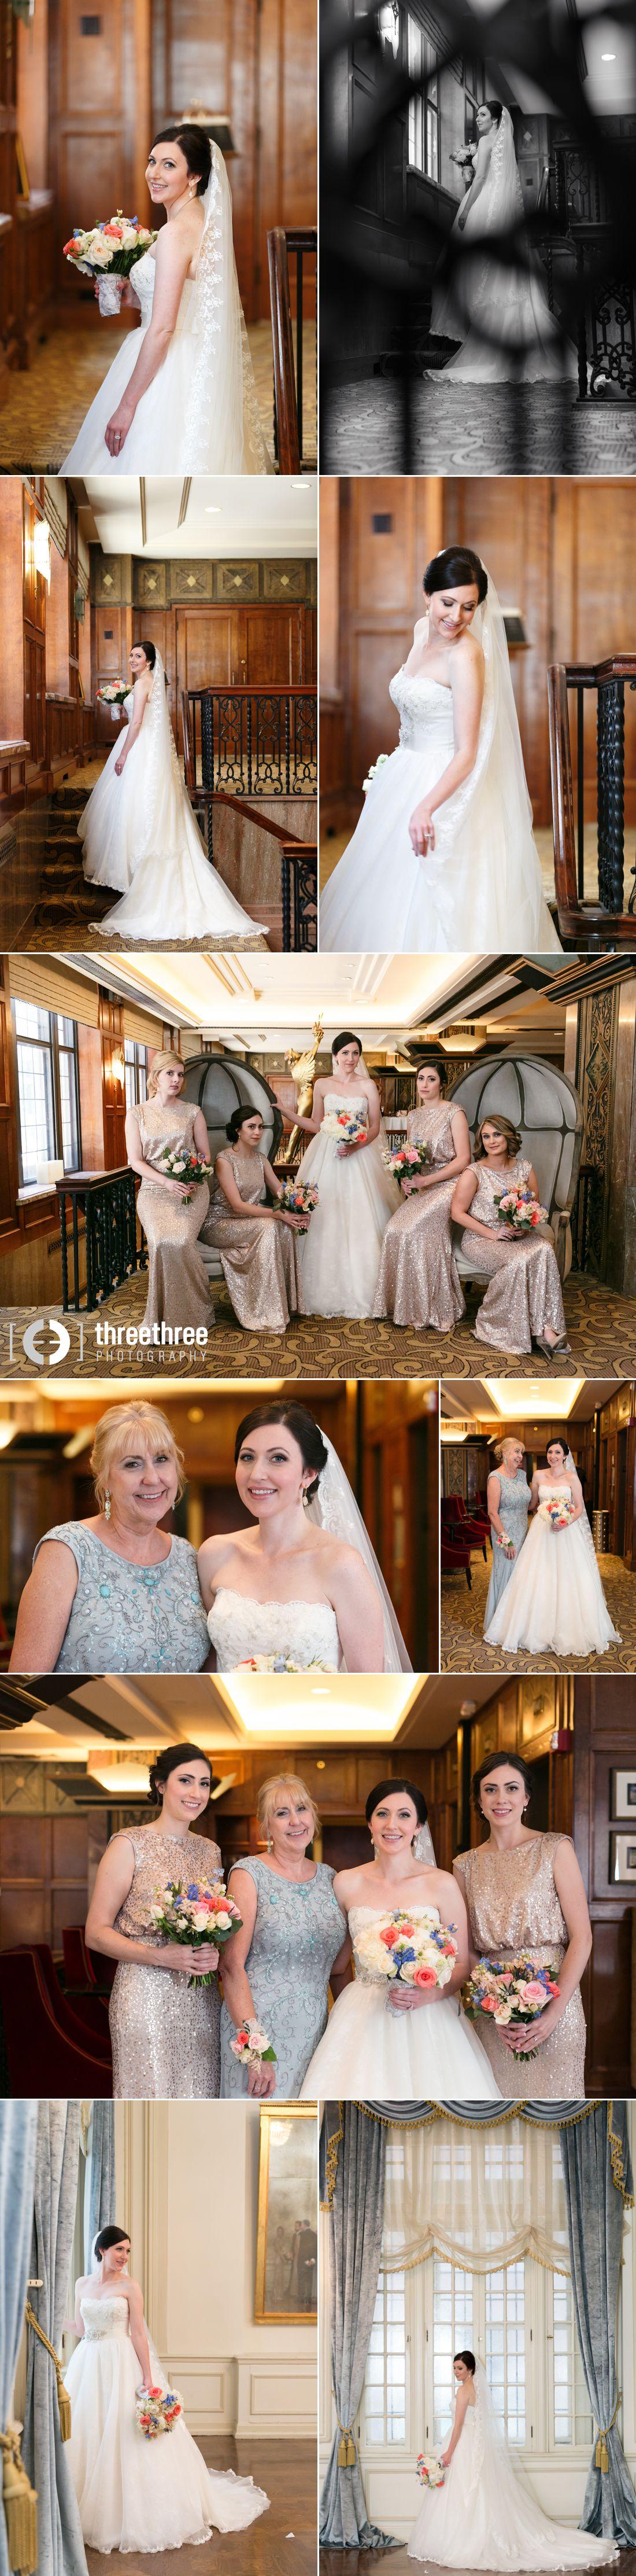 Rachel_Chris_KC-Wedding-3.jpg